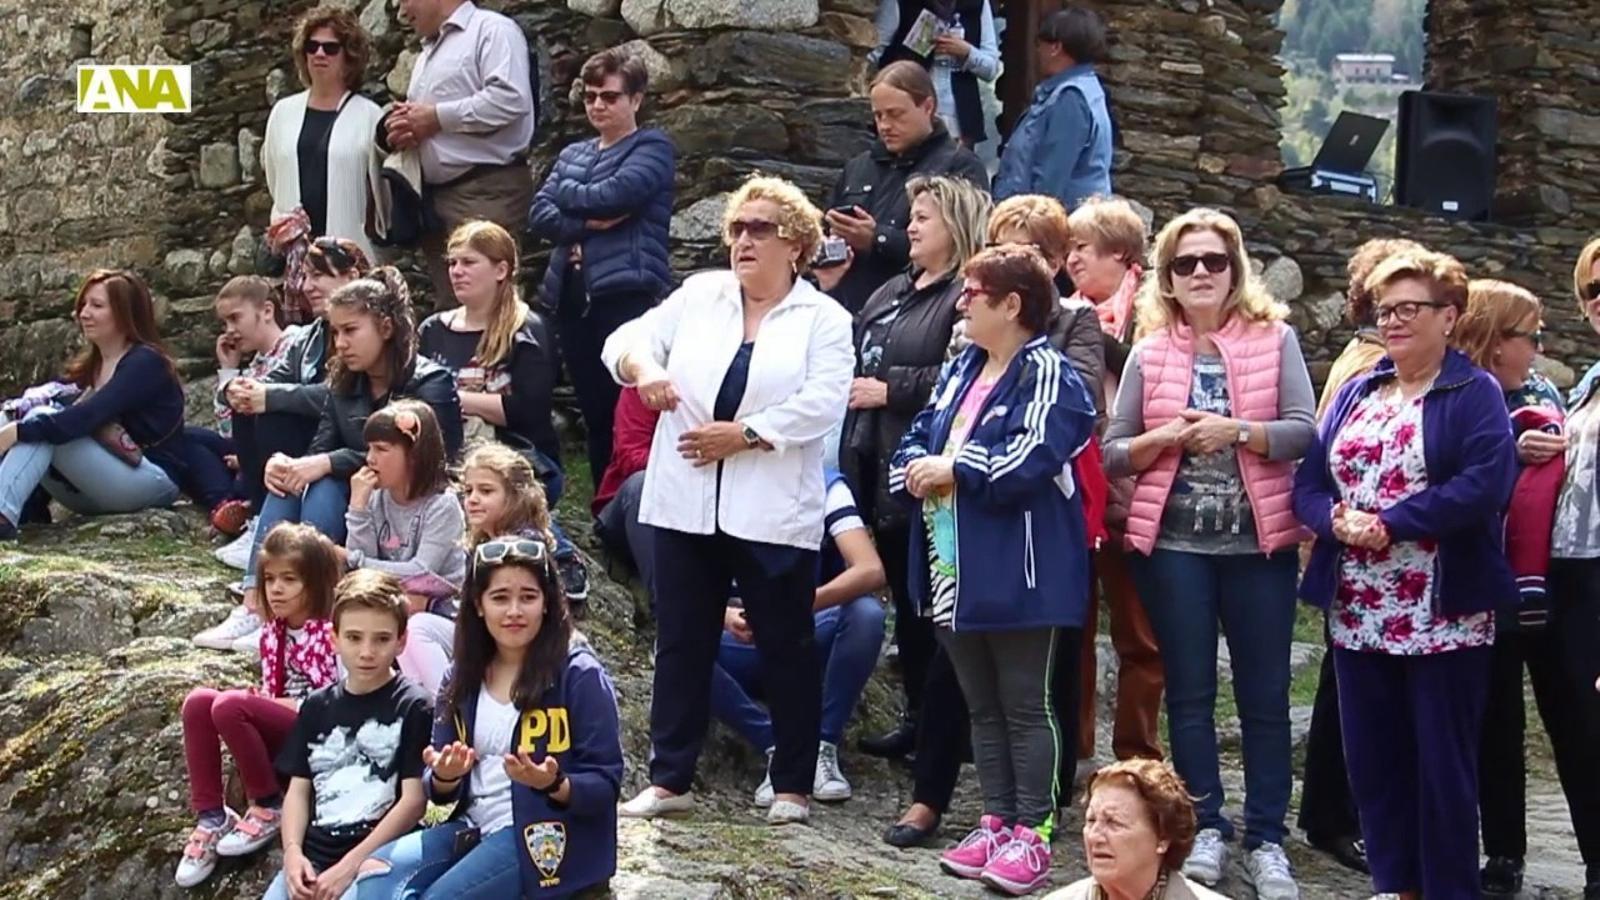 Missa i caramelles, al tradicional Aplec de Sant Romà de les Bons